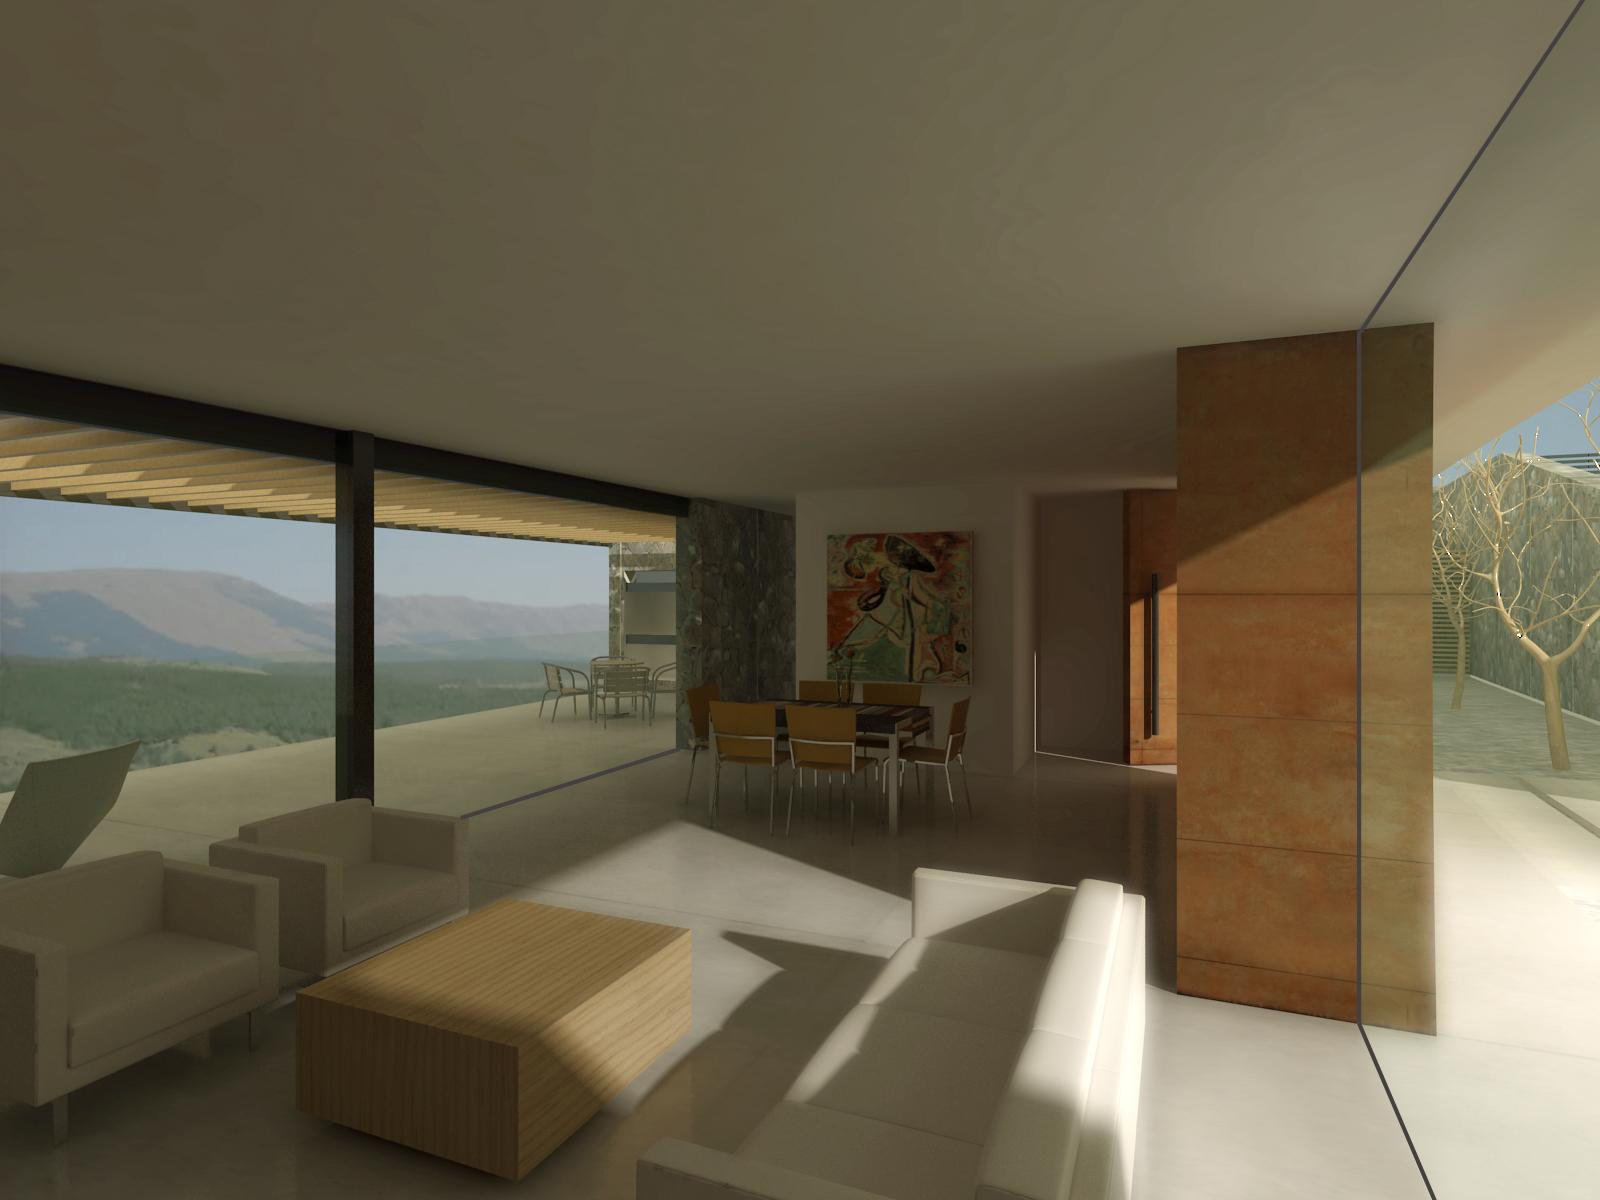 Arquitectos casa en r o ceballos - Arquitectos en segovia ...